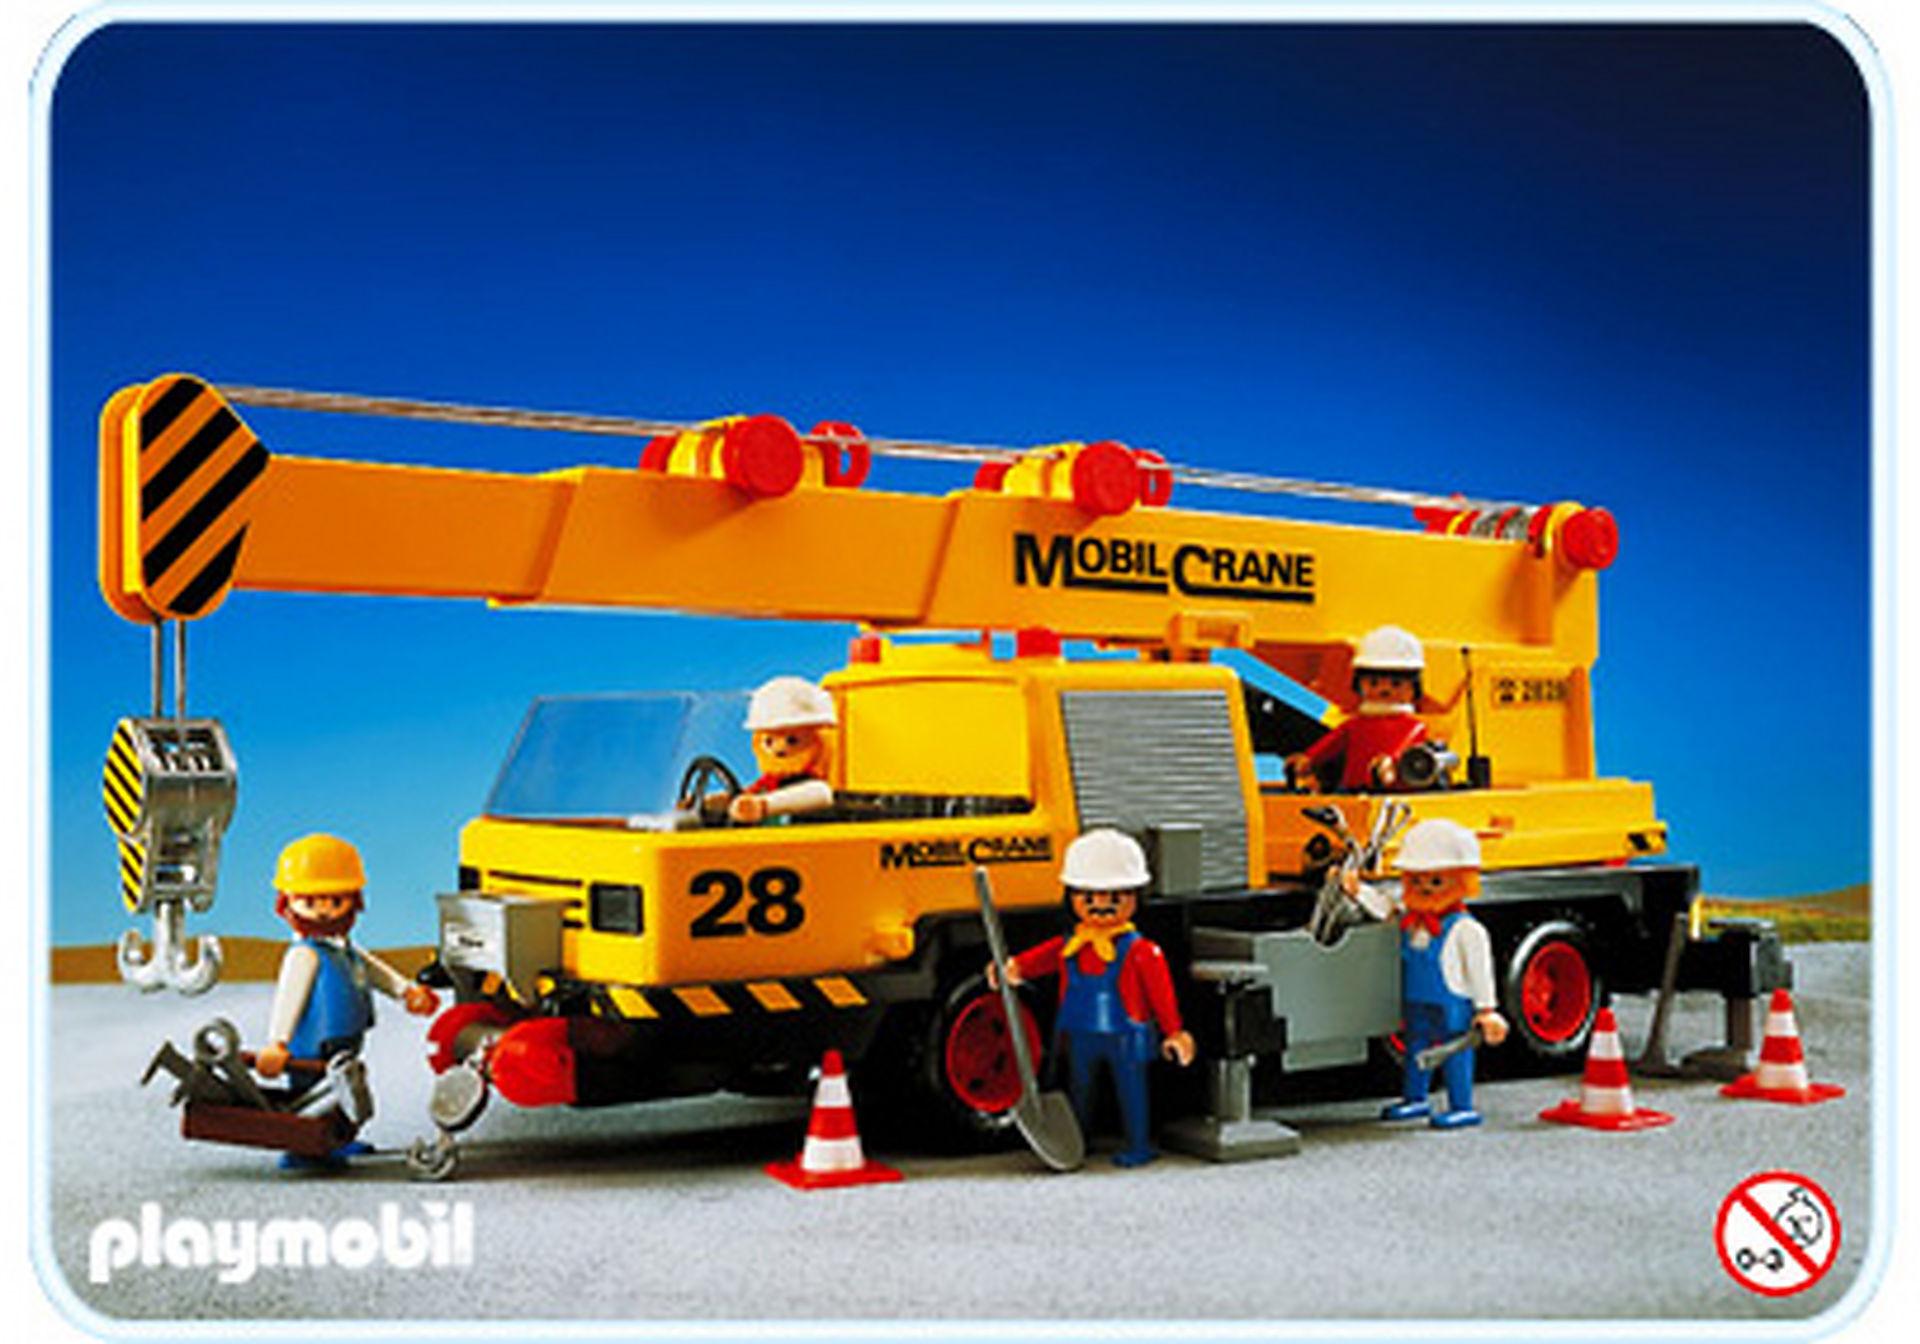 3761-A Mobil-Kran zoom image1